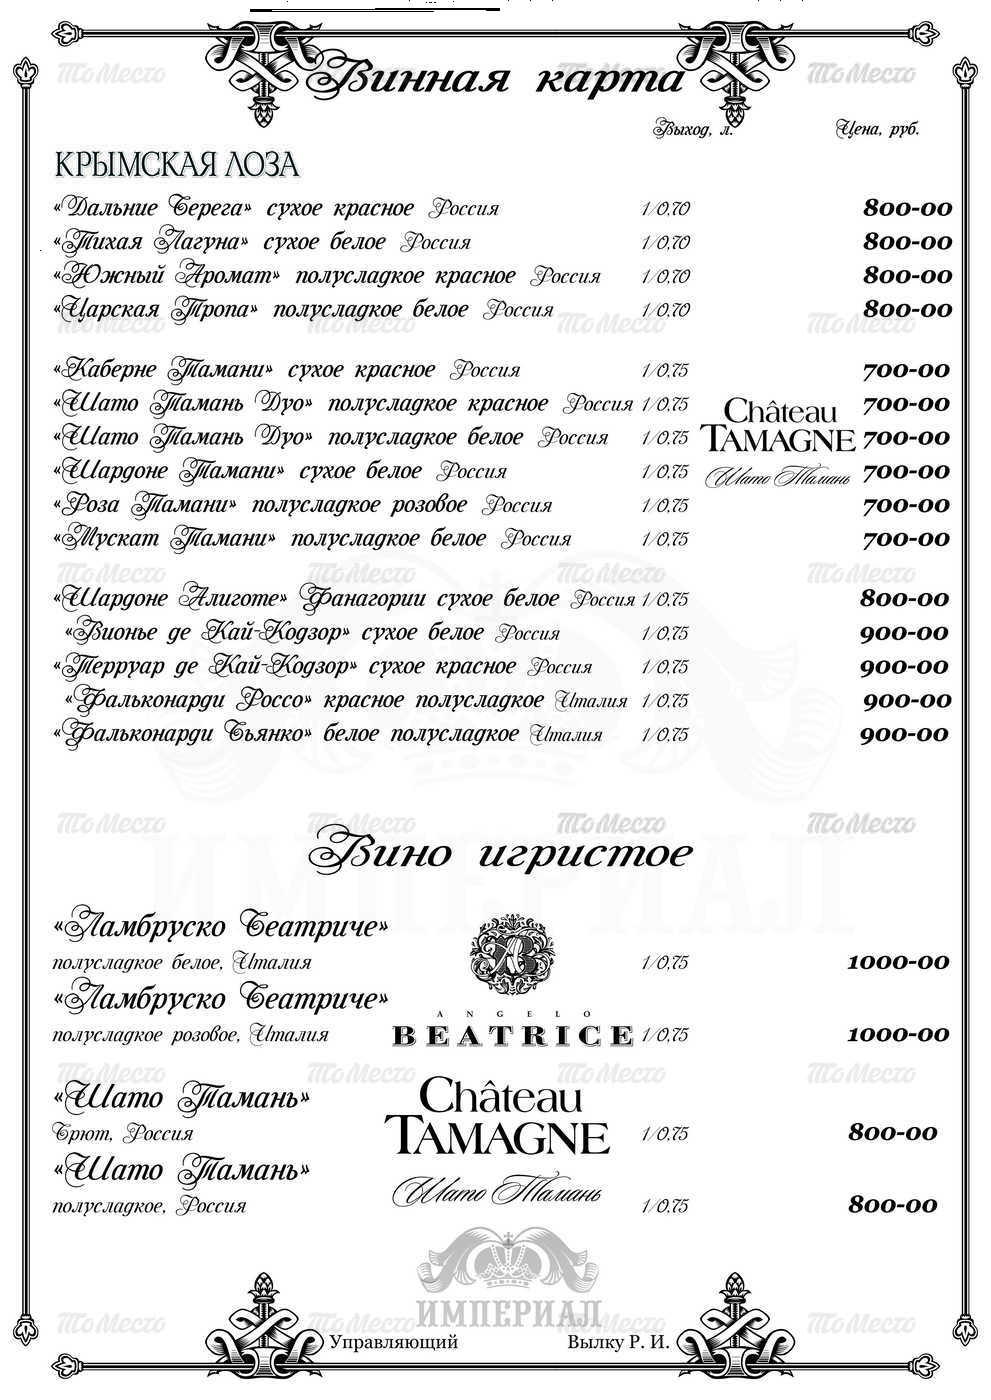 Меню бара, ресторана Империал на улице Минской